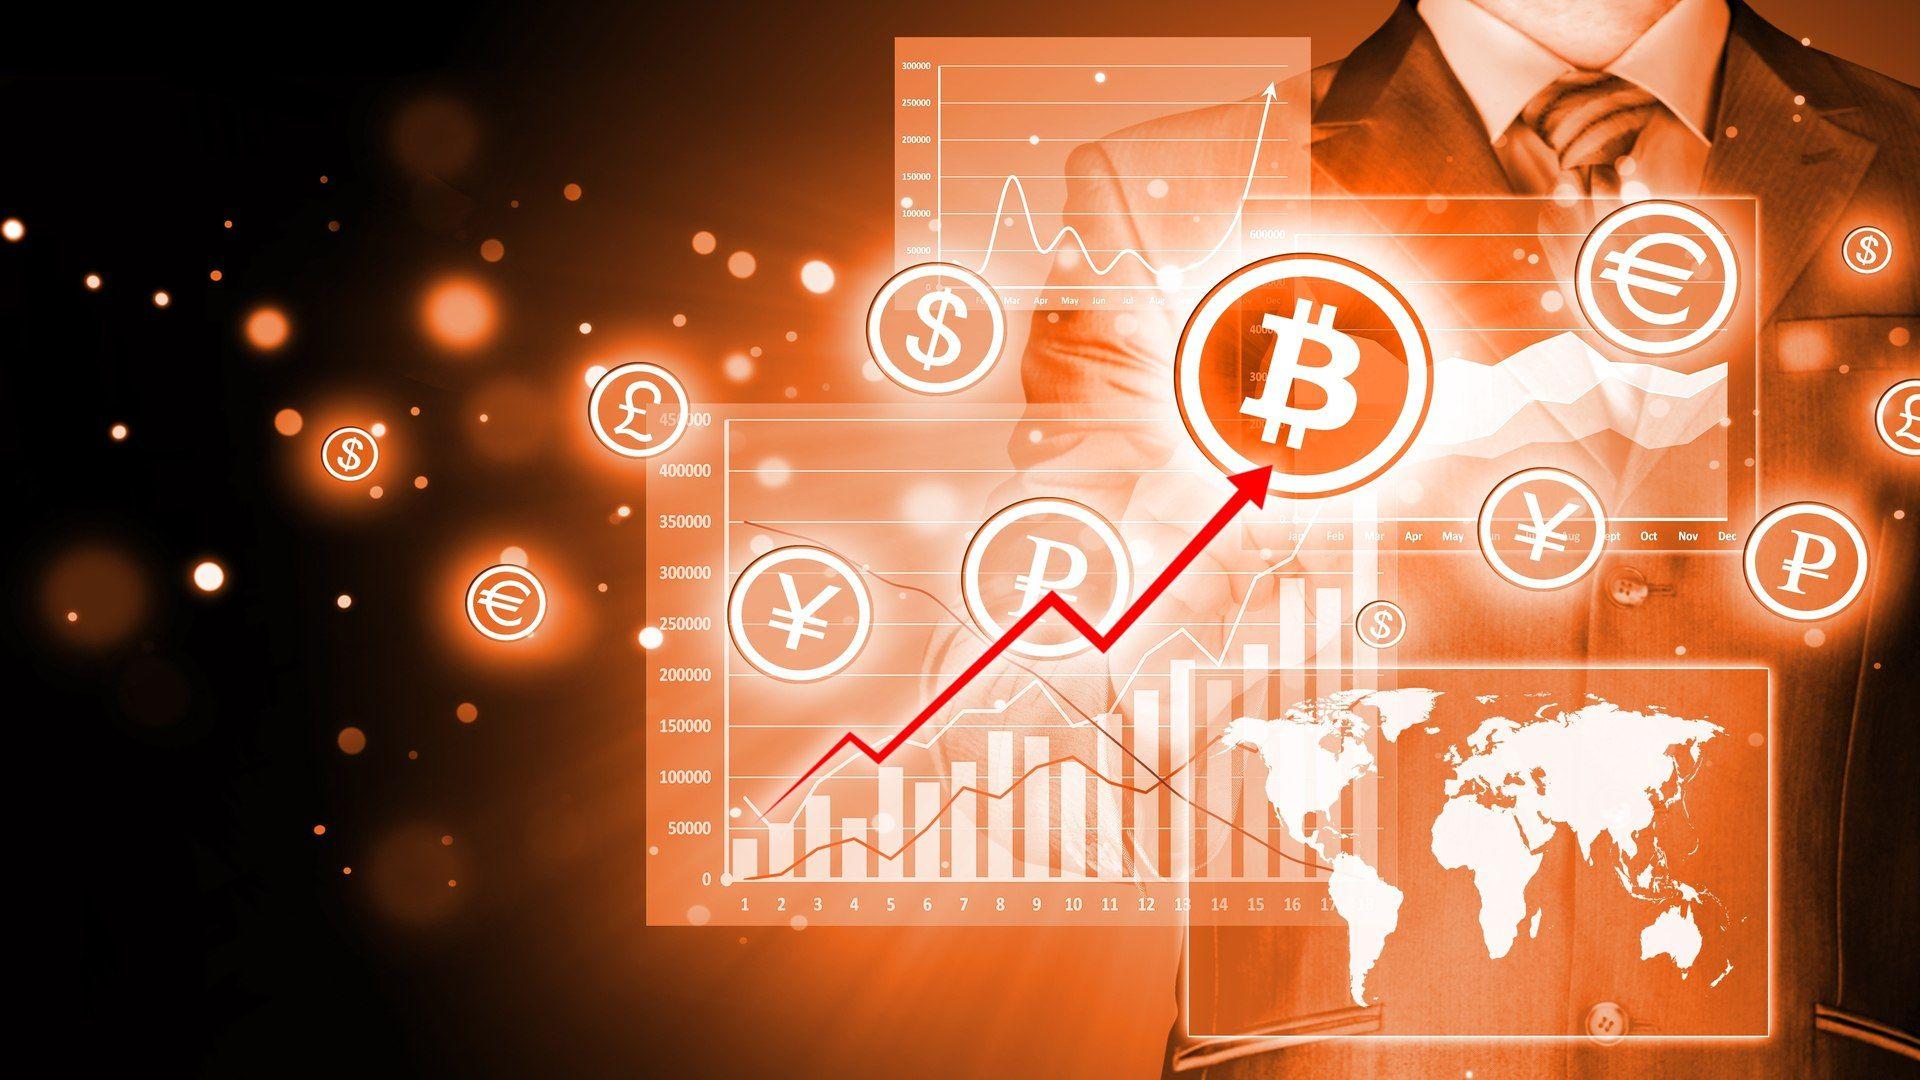 wie wird sich bitcoin entwickeln